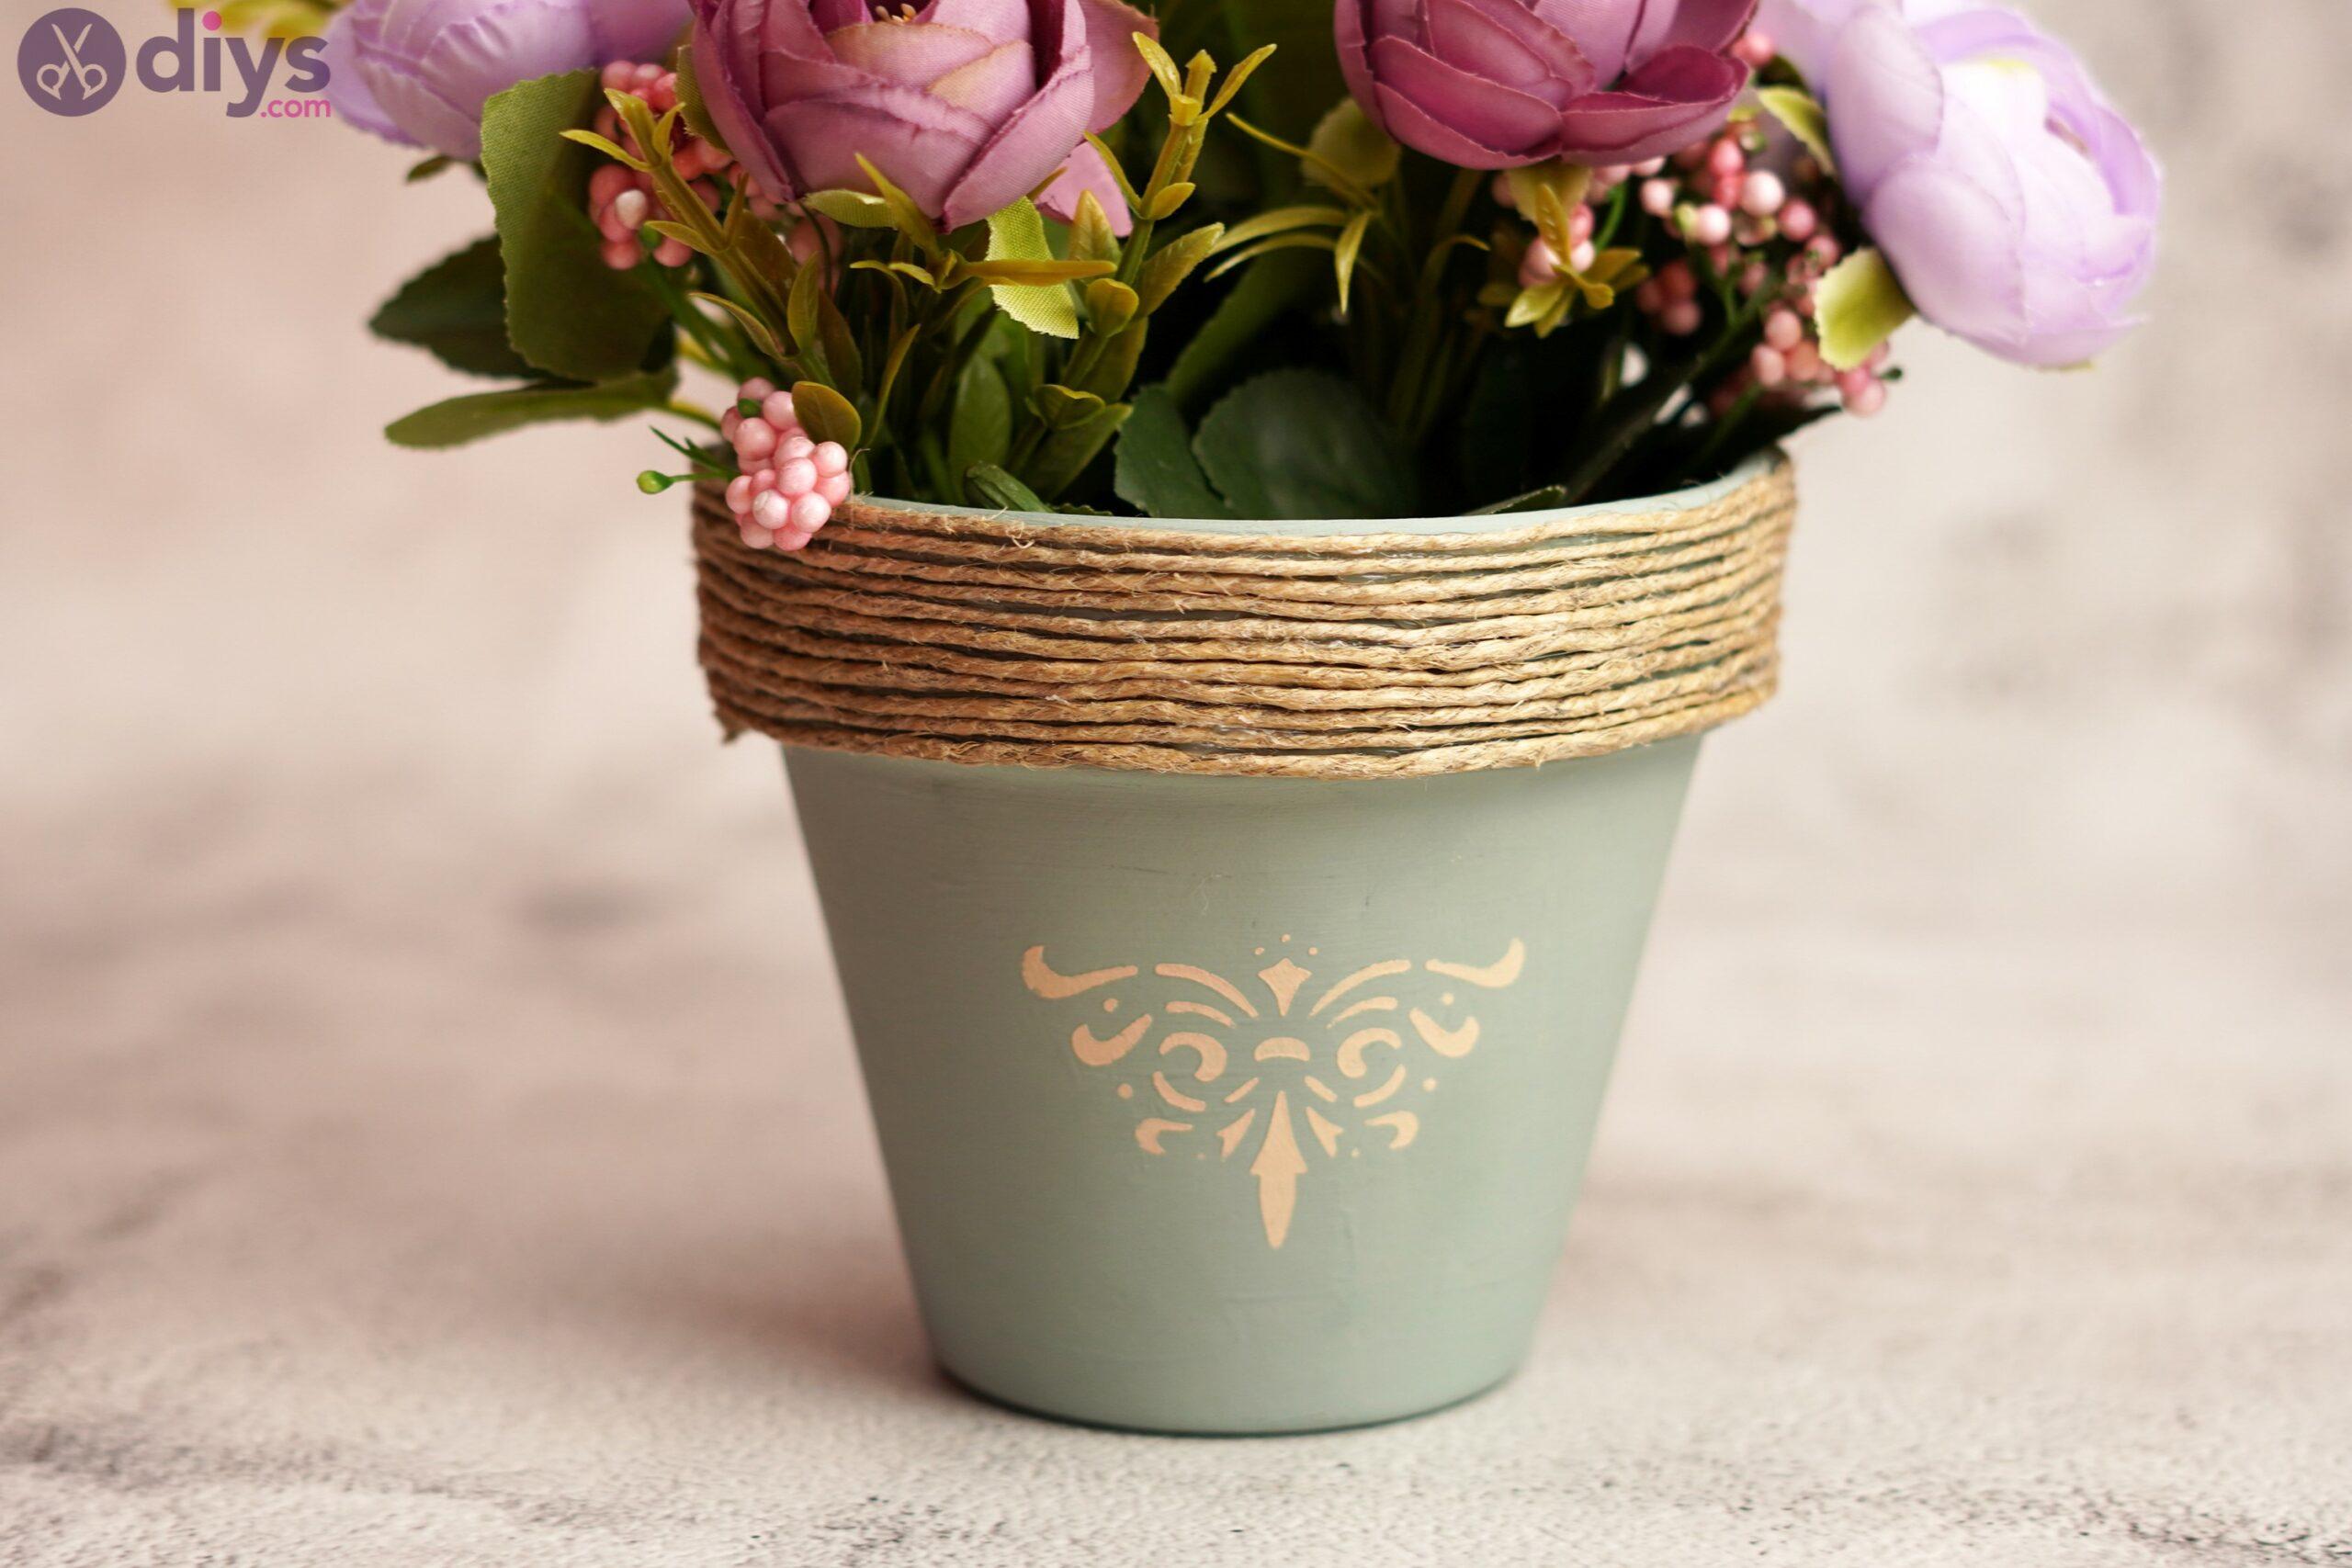 Rustic painted pot photos (4)